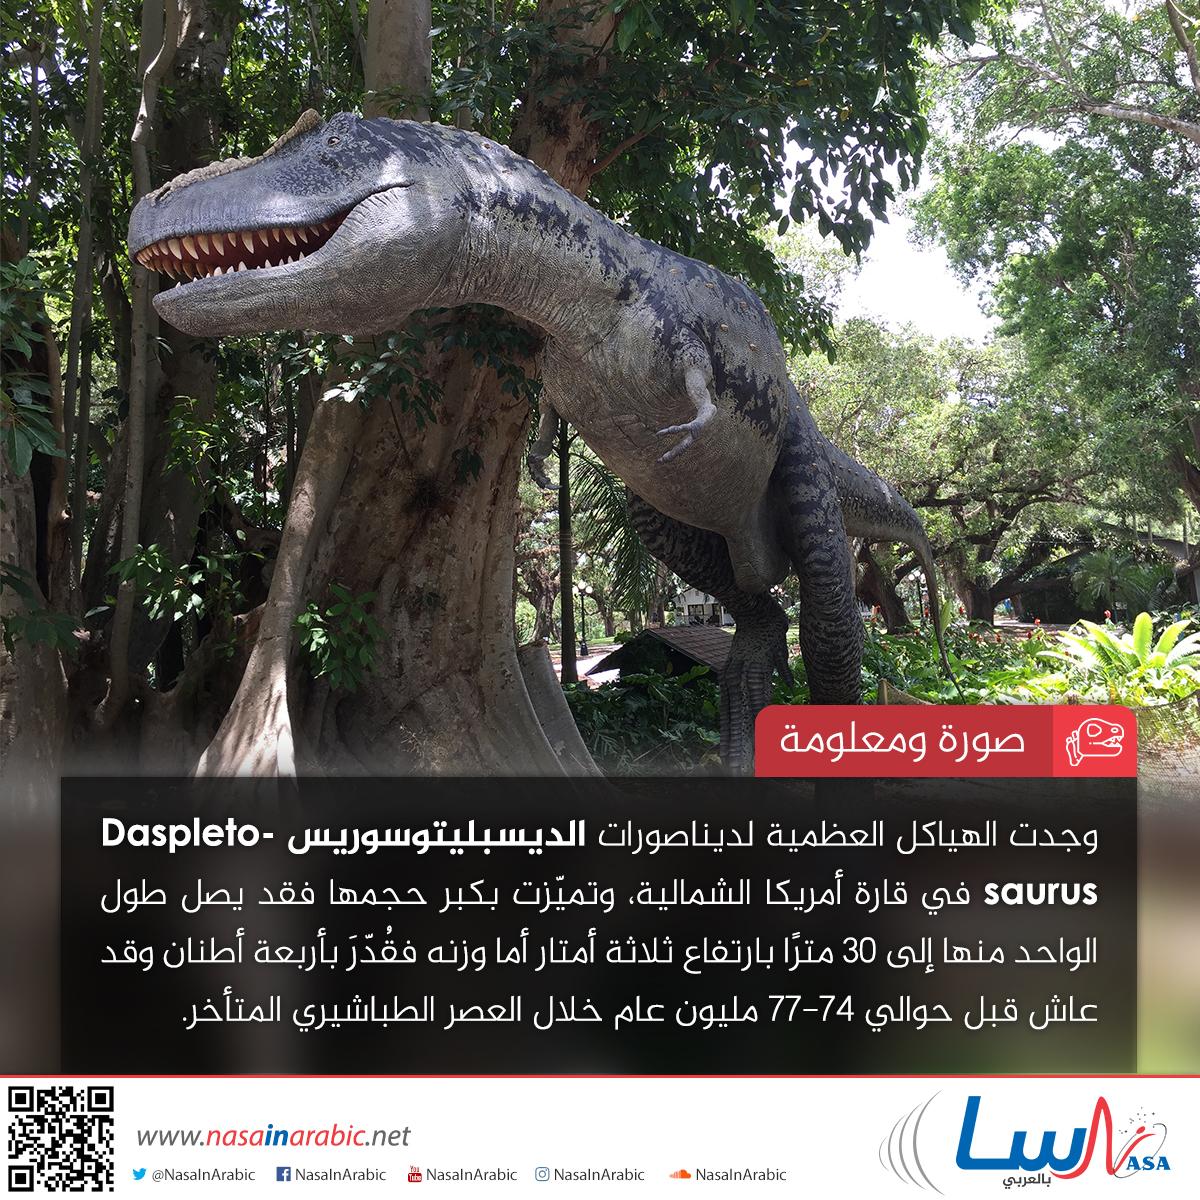 الديسبليتوسوريس Daspletosaurus